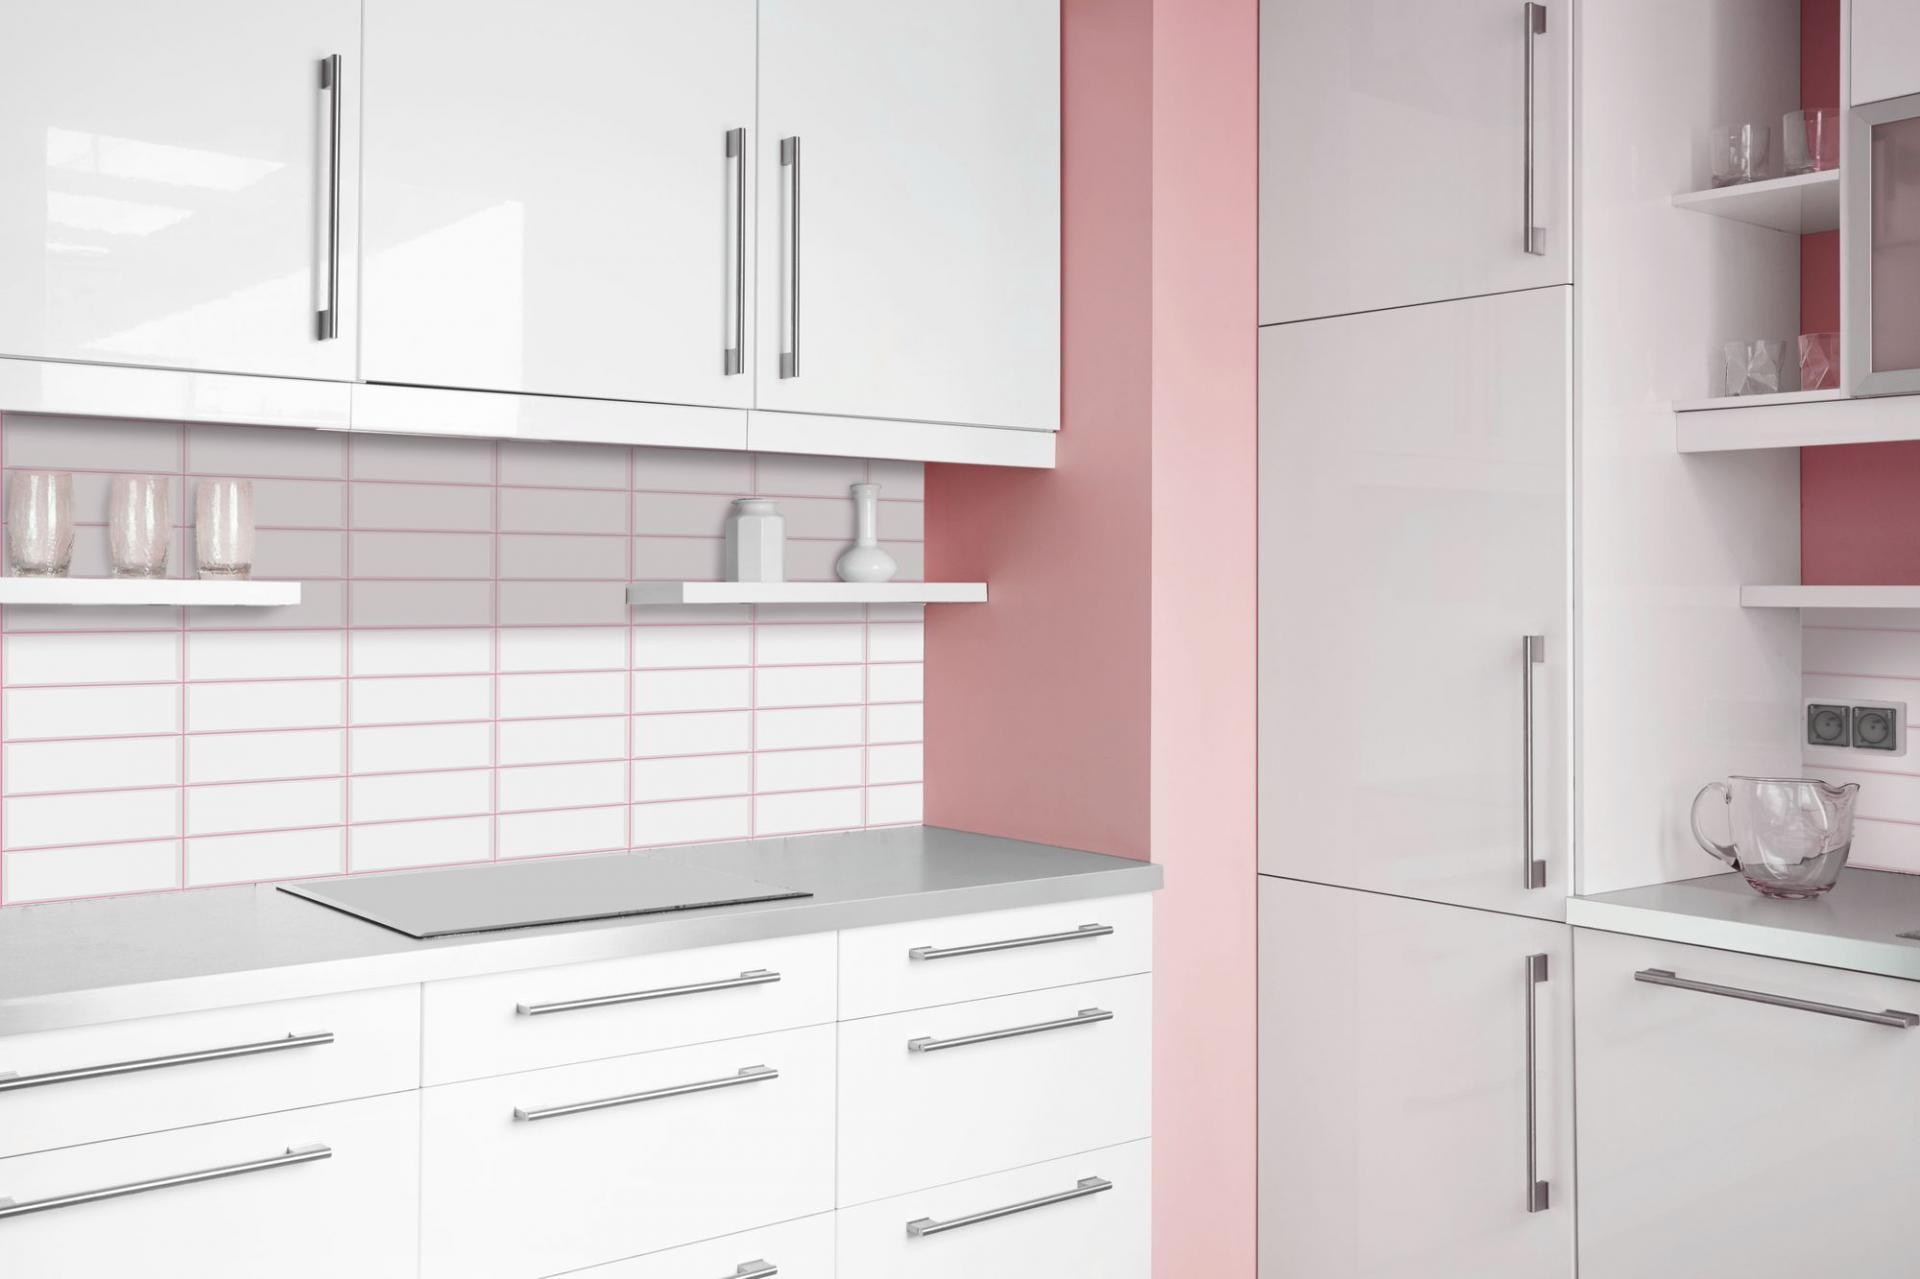 White tile pink seam 3